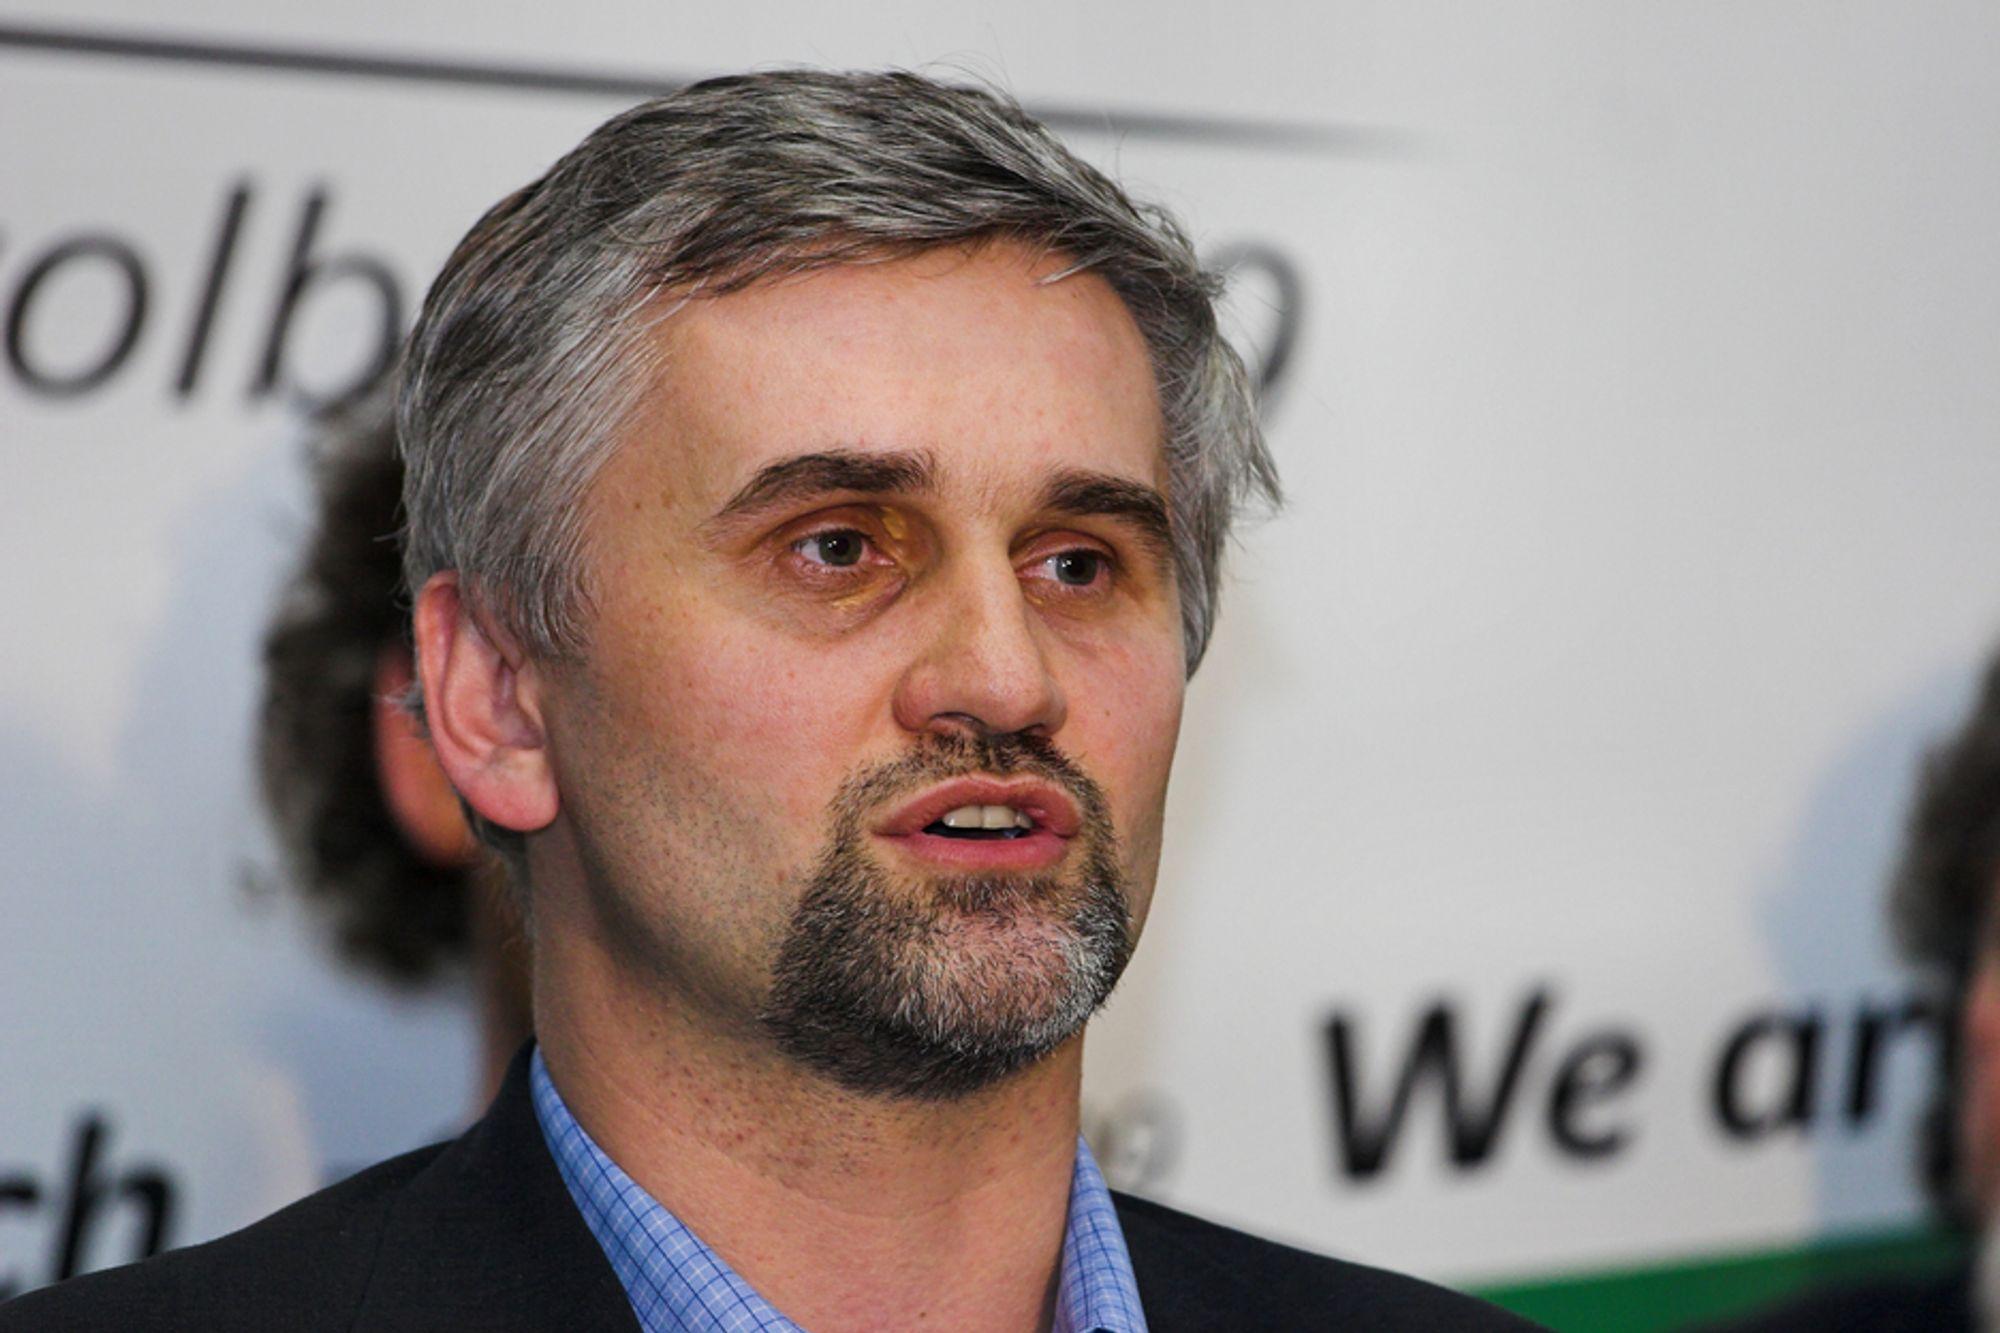 NOK ER NOK: Jan Dusik går av som miljøvernminister i Tsjekkia etter en tvist med statsministeren om rensing av kullkraftverk.